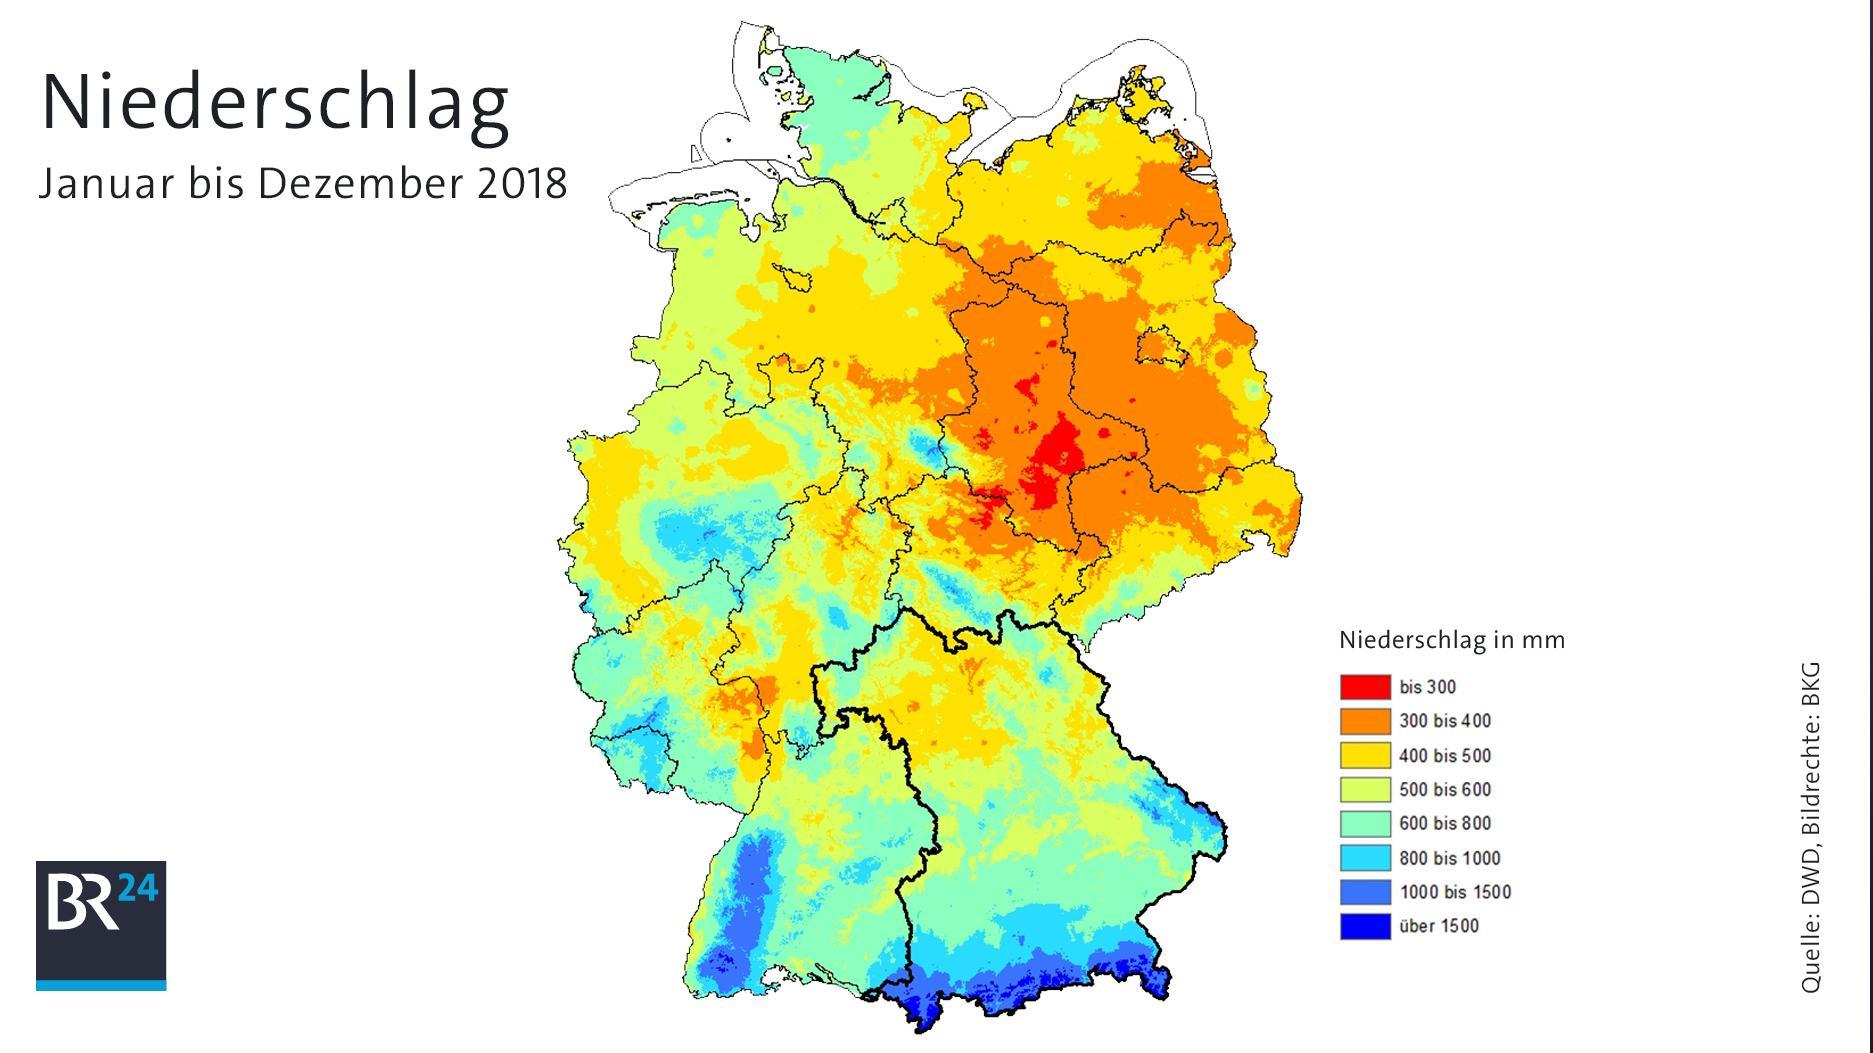 Die durchschnittlichen Niederschlagsmengen (Dezember geschätzt)